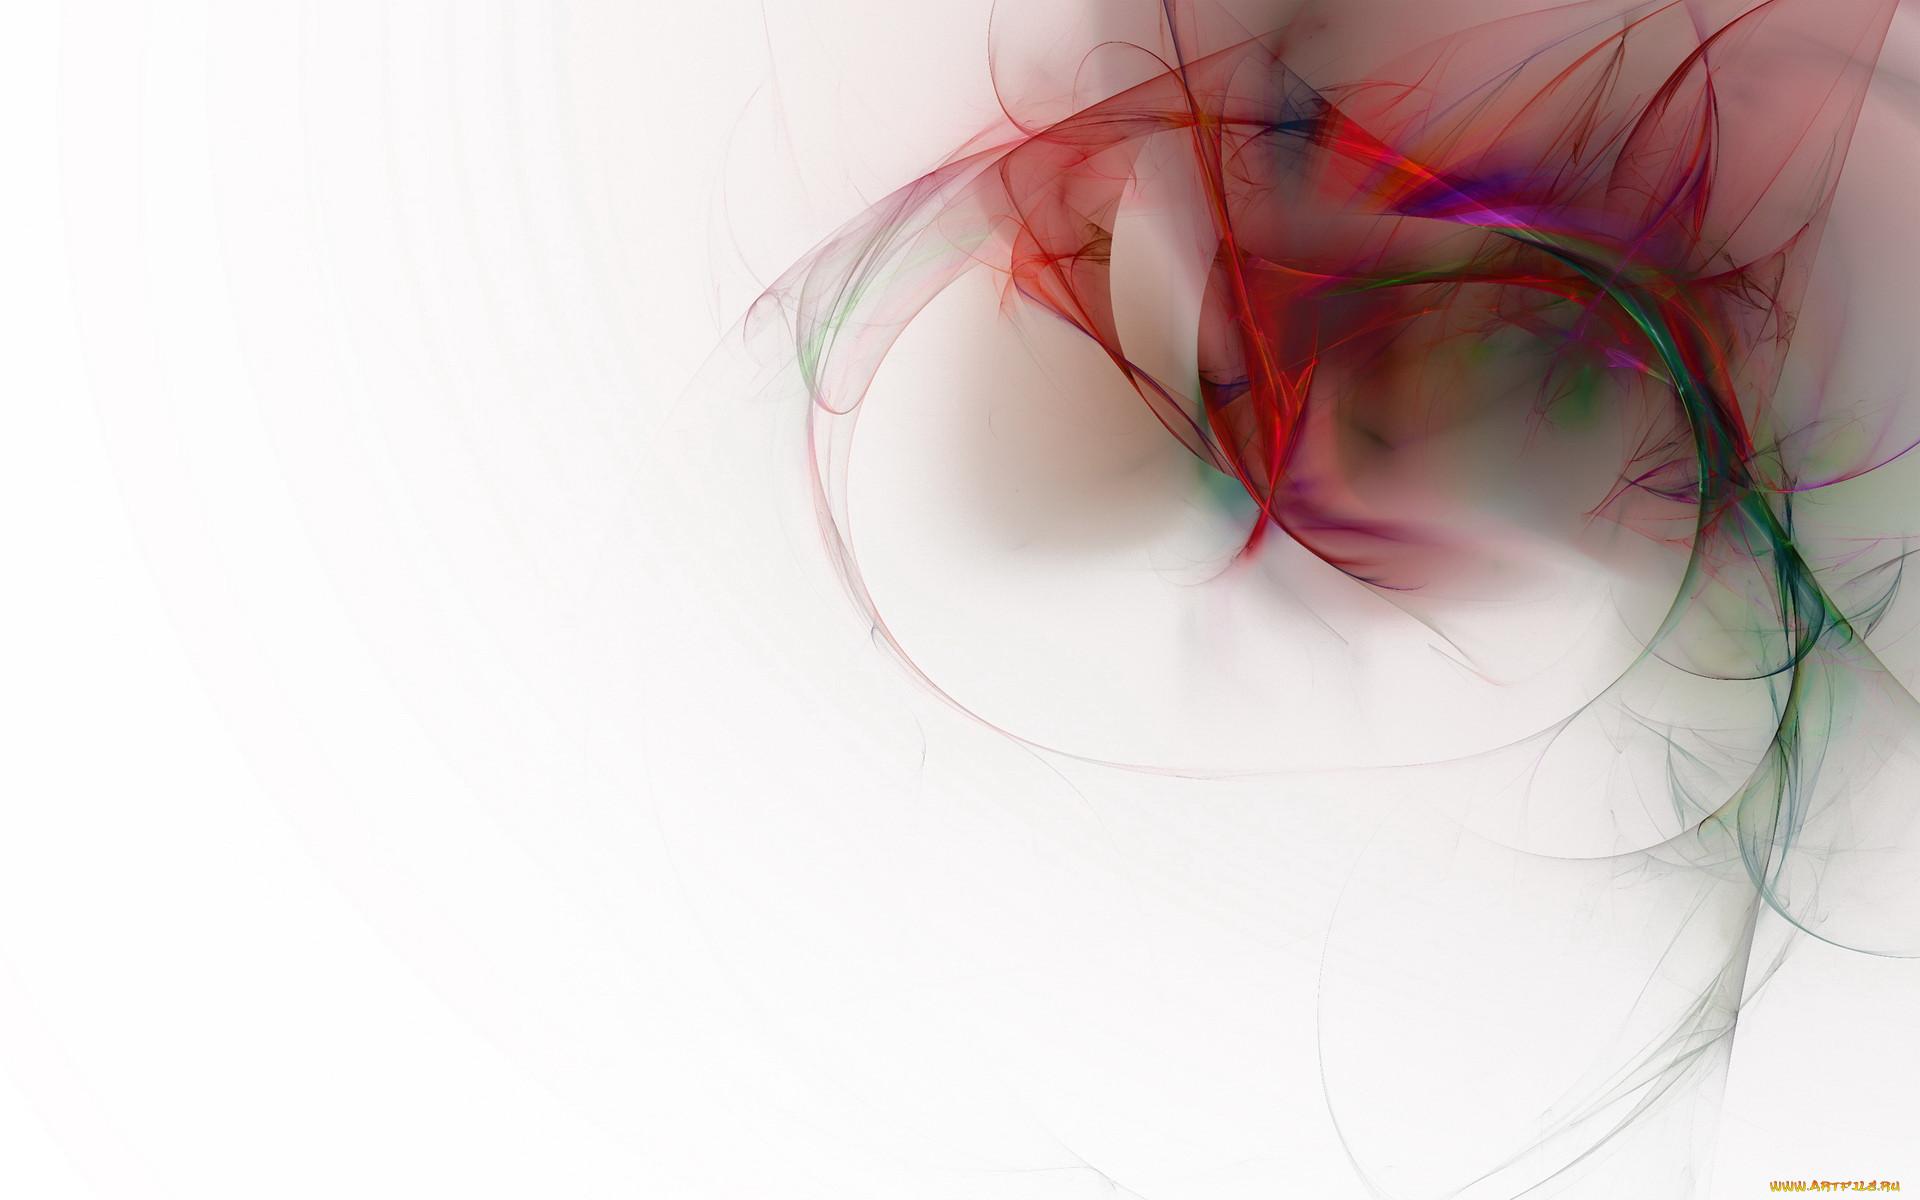 Обои 3Д Г�а�ика Аб���ак�ия abstract обои для �або�его